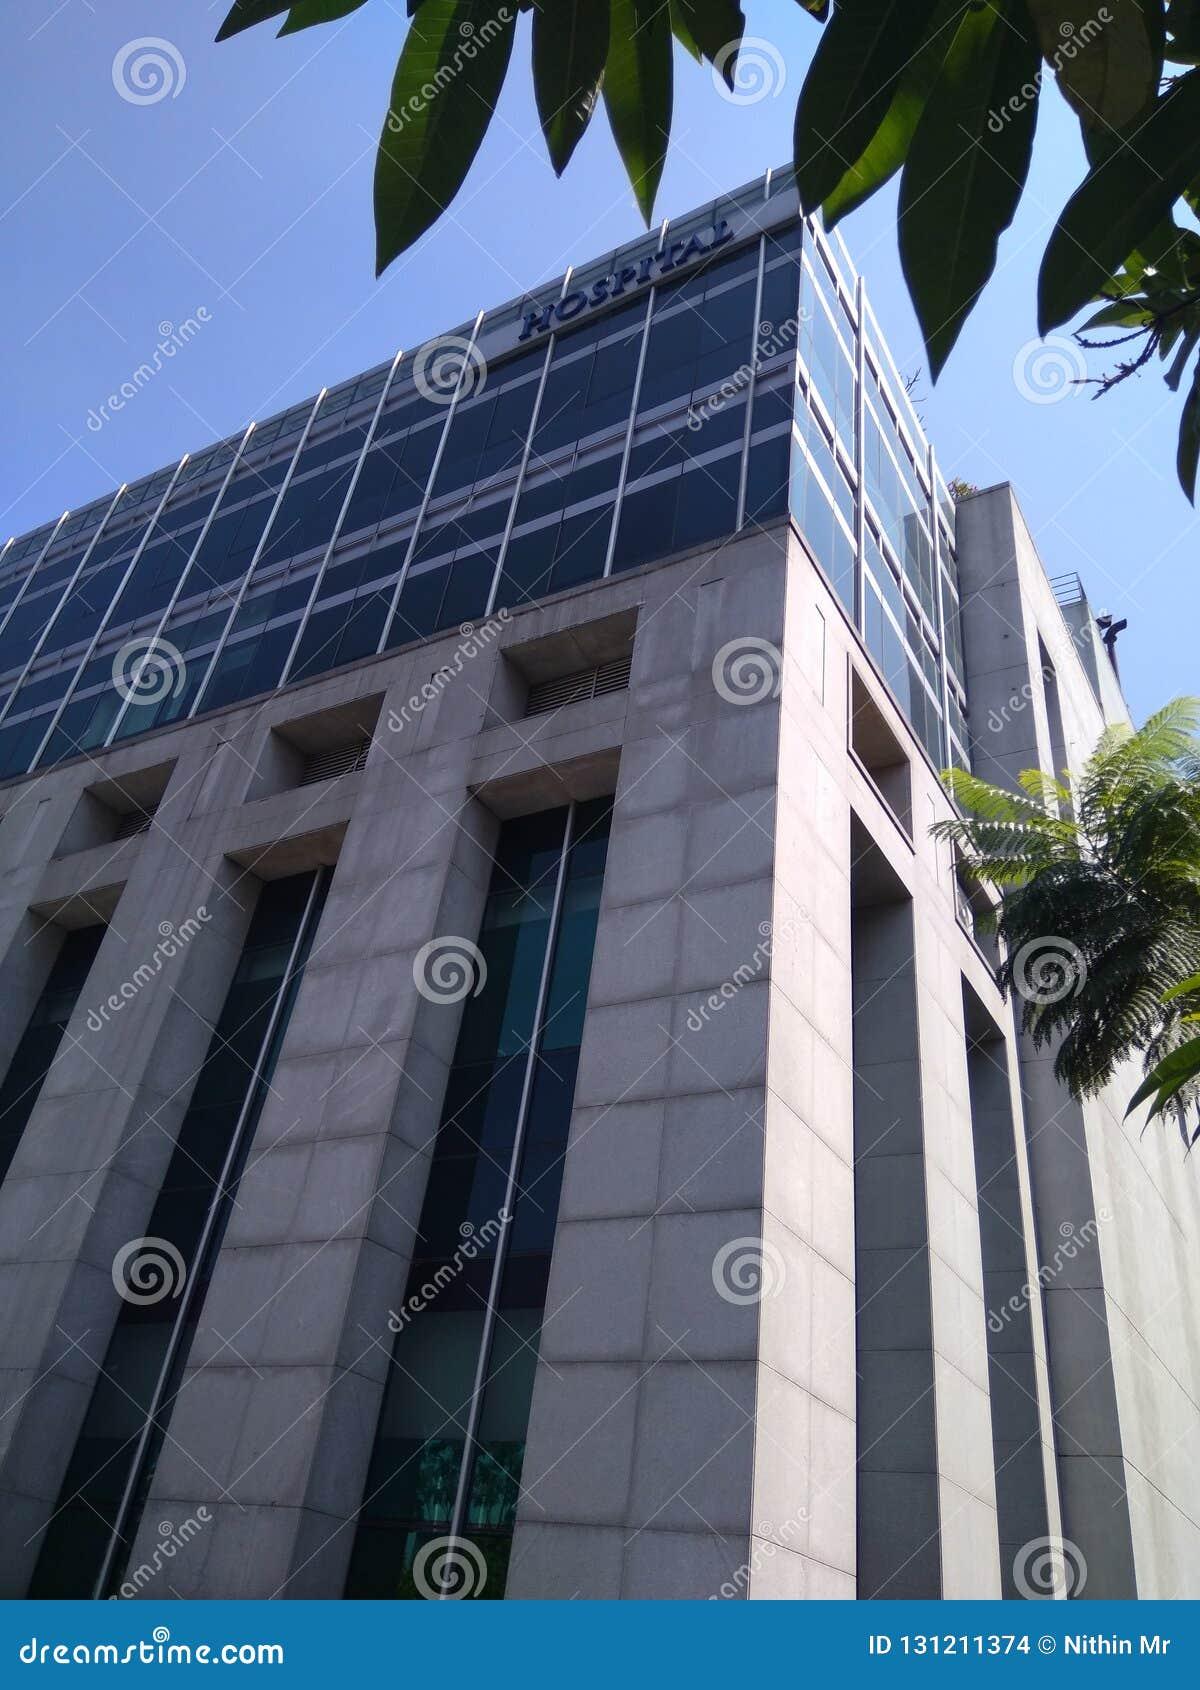 Krankenhausgebäude mit modernen architektonischen Gestaltungen